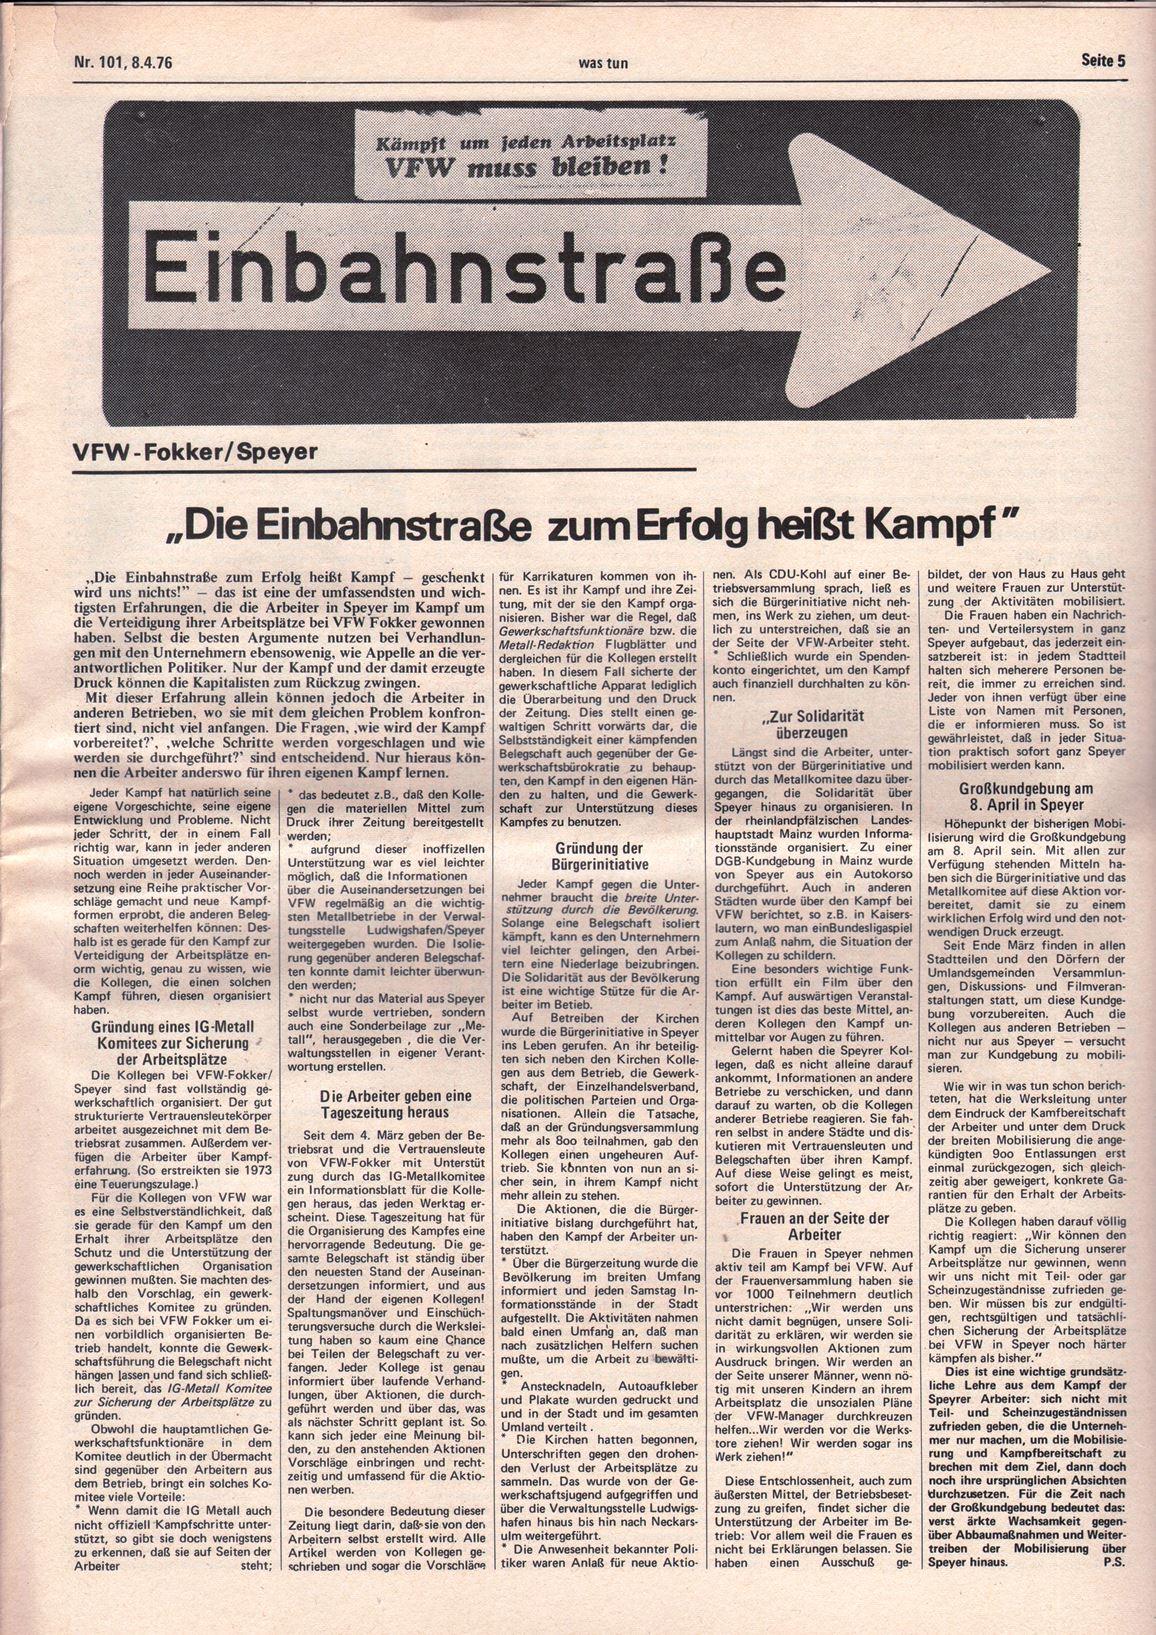 GIM_Was_tun_1976_095